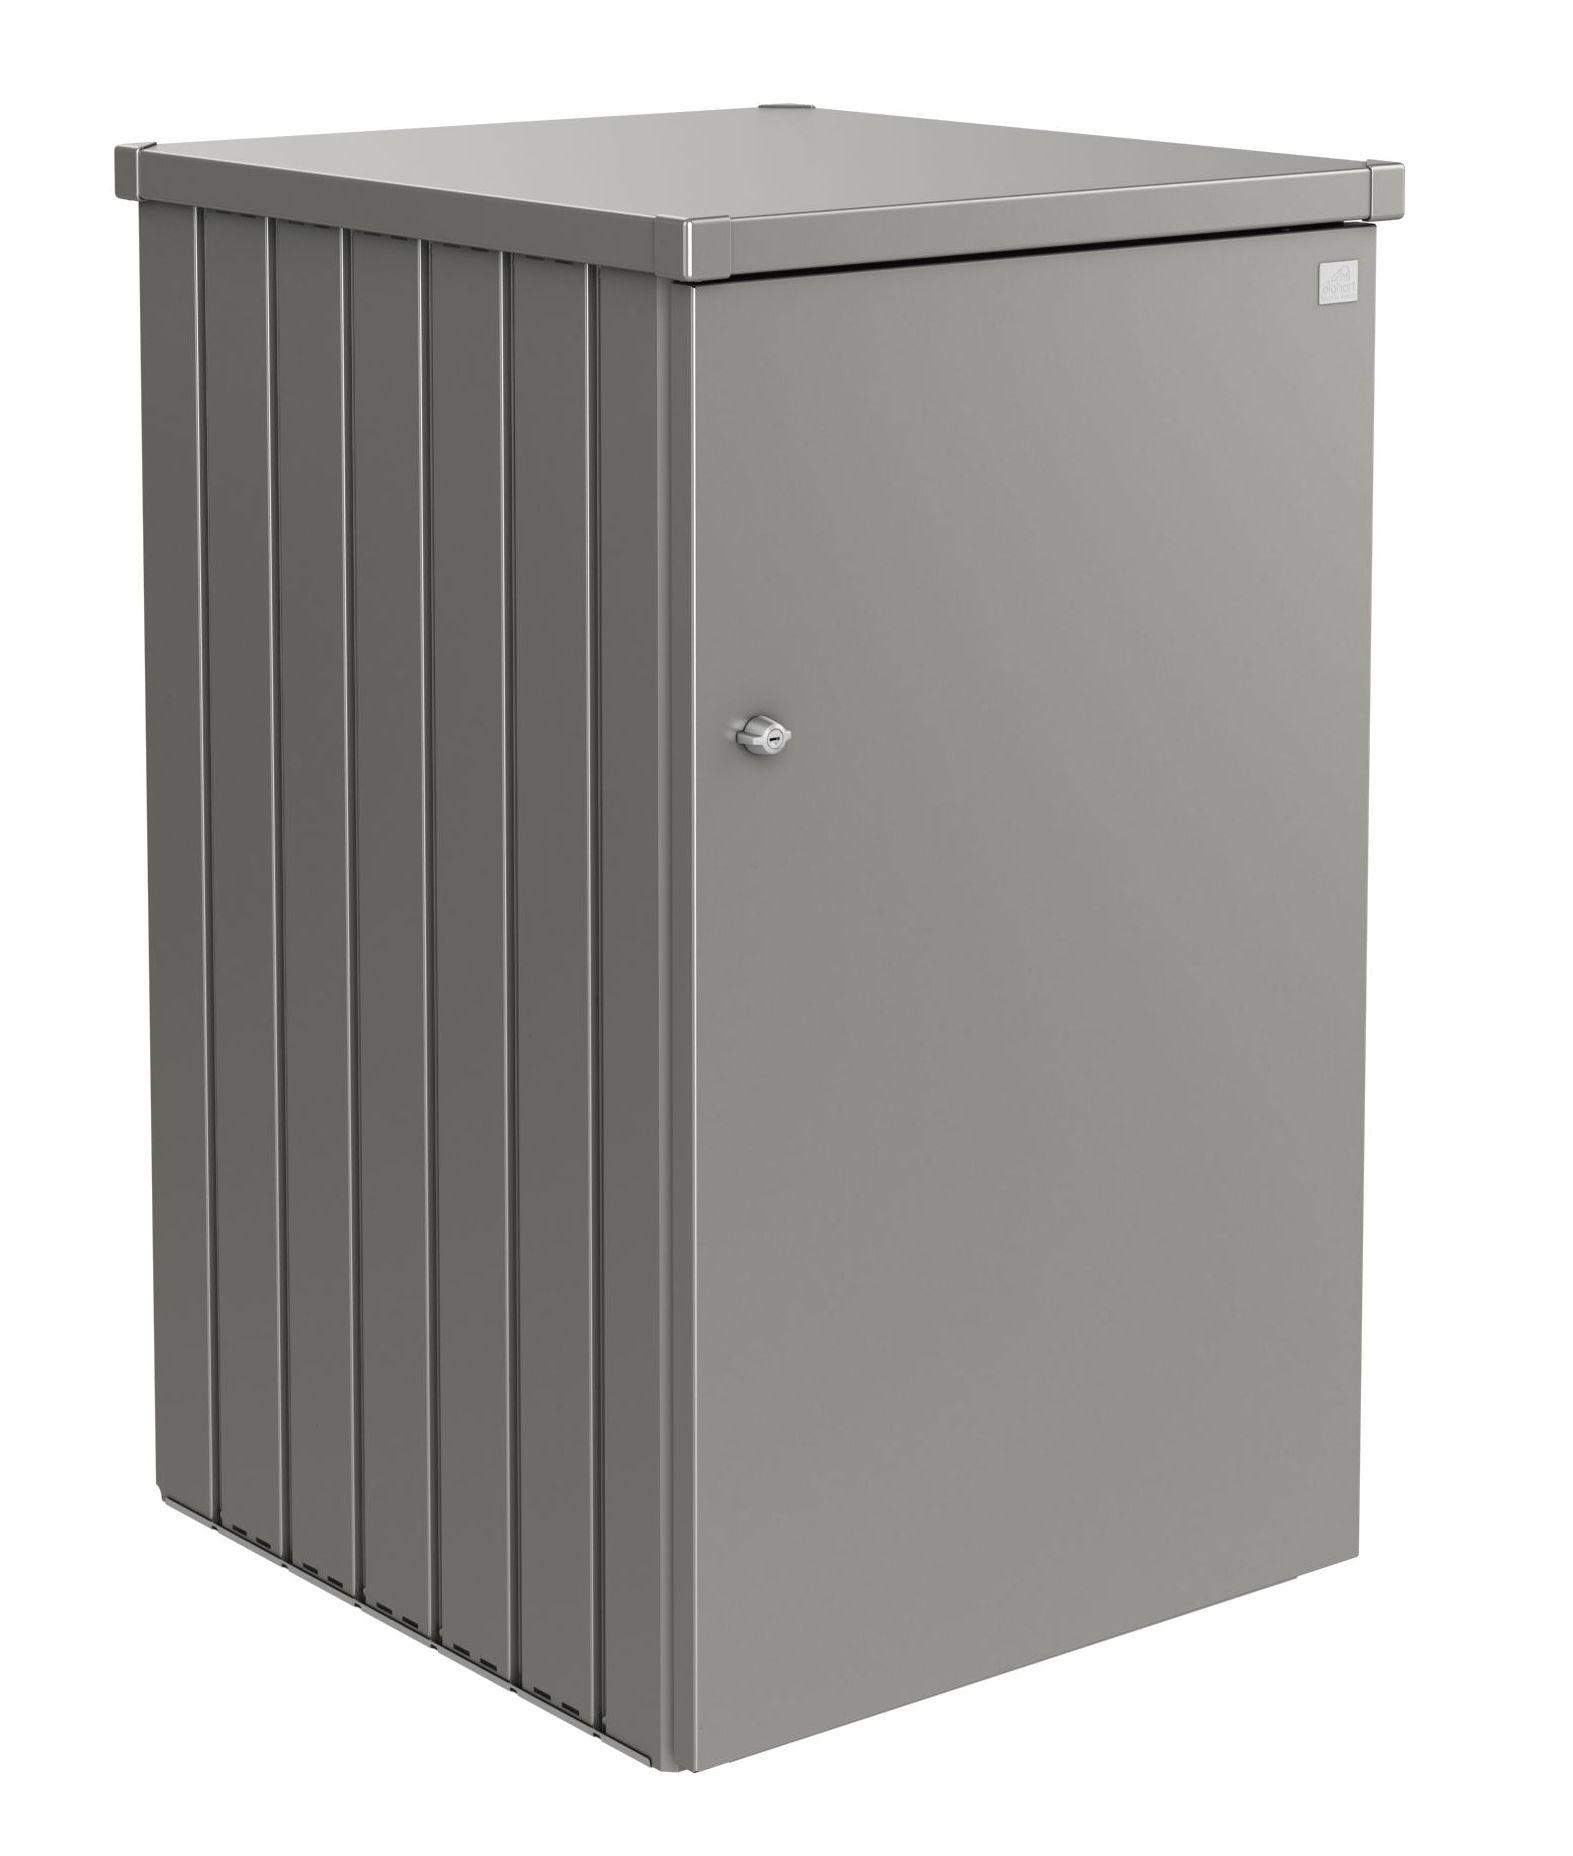 Biohort Box na popelnici Alex 2, šedý křemen metalíza